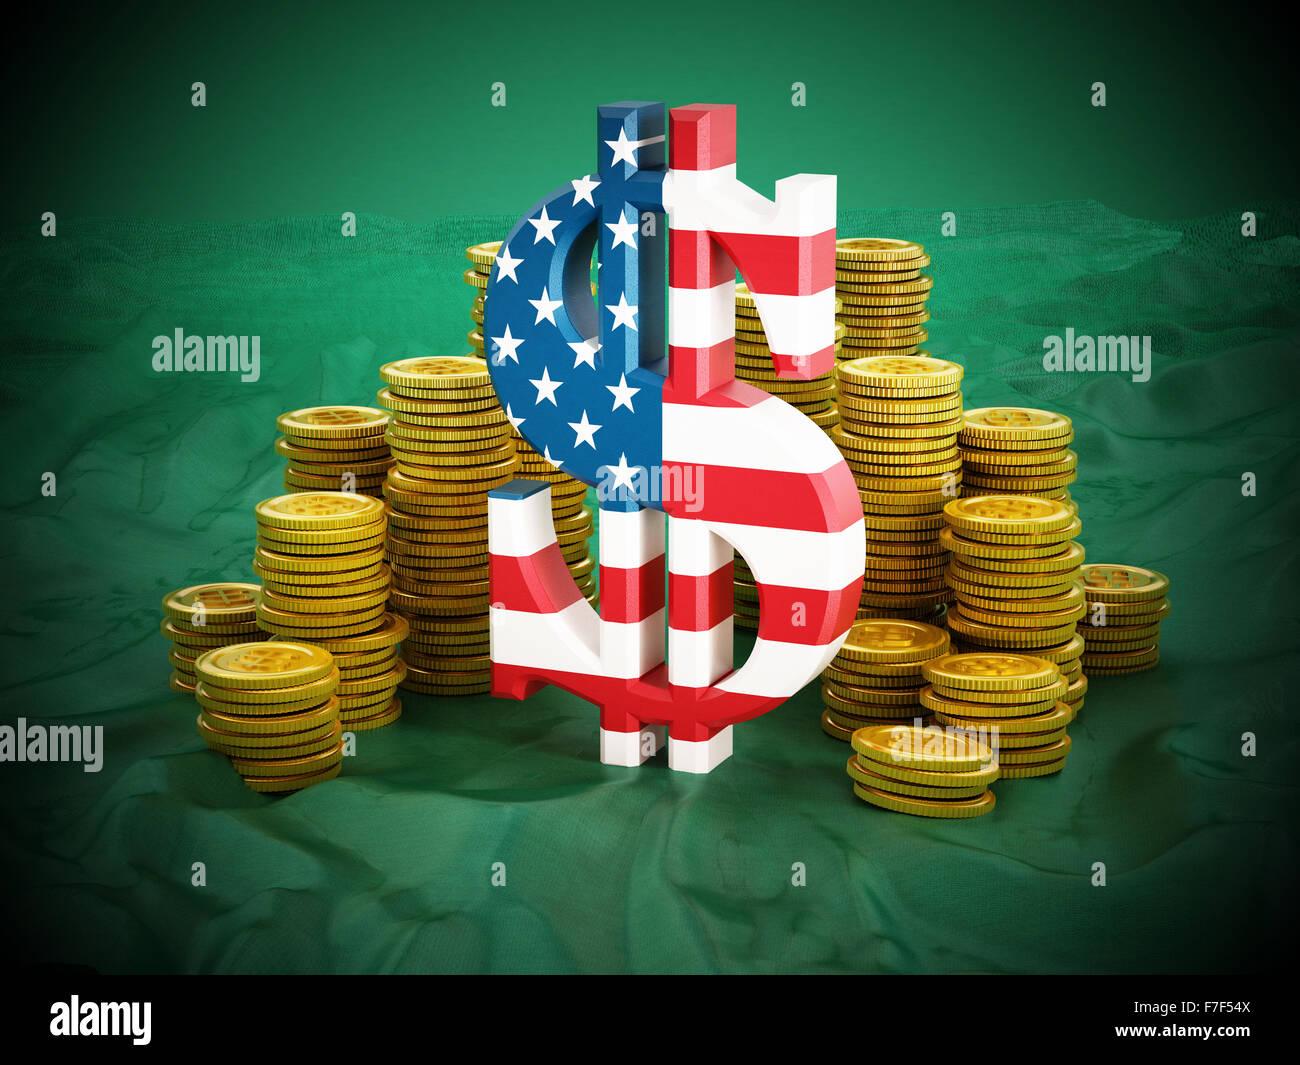 Symbole du dollar et de pièces d'or sur fond vert. Photo Stock